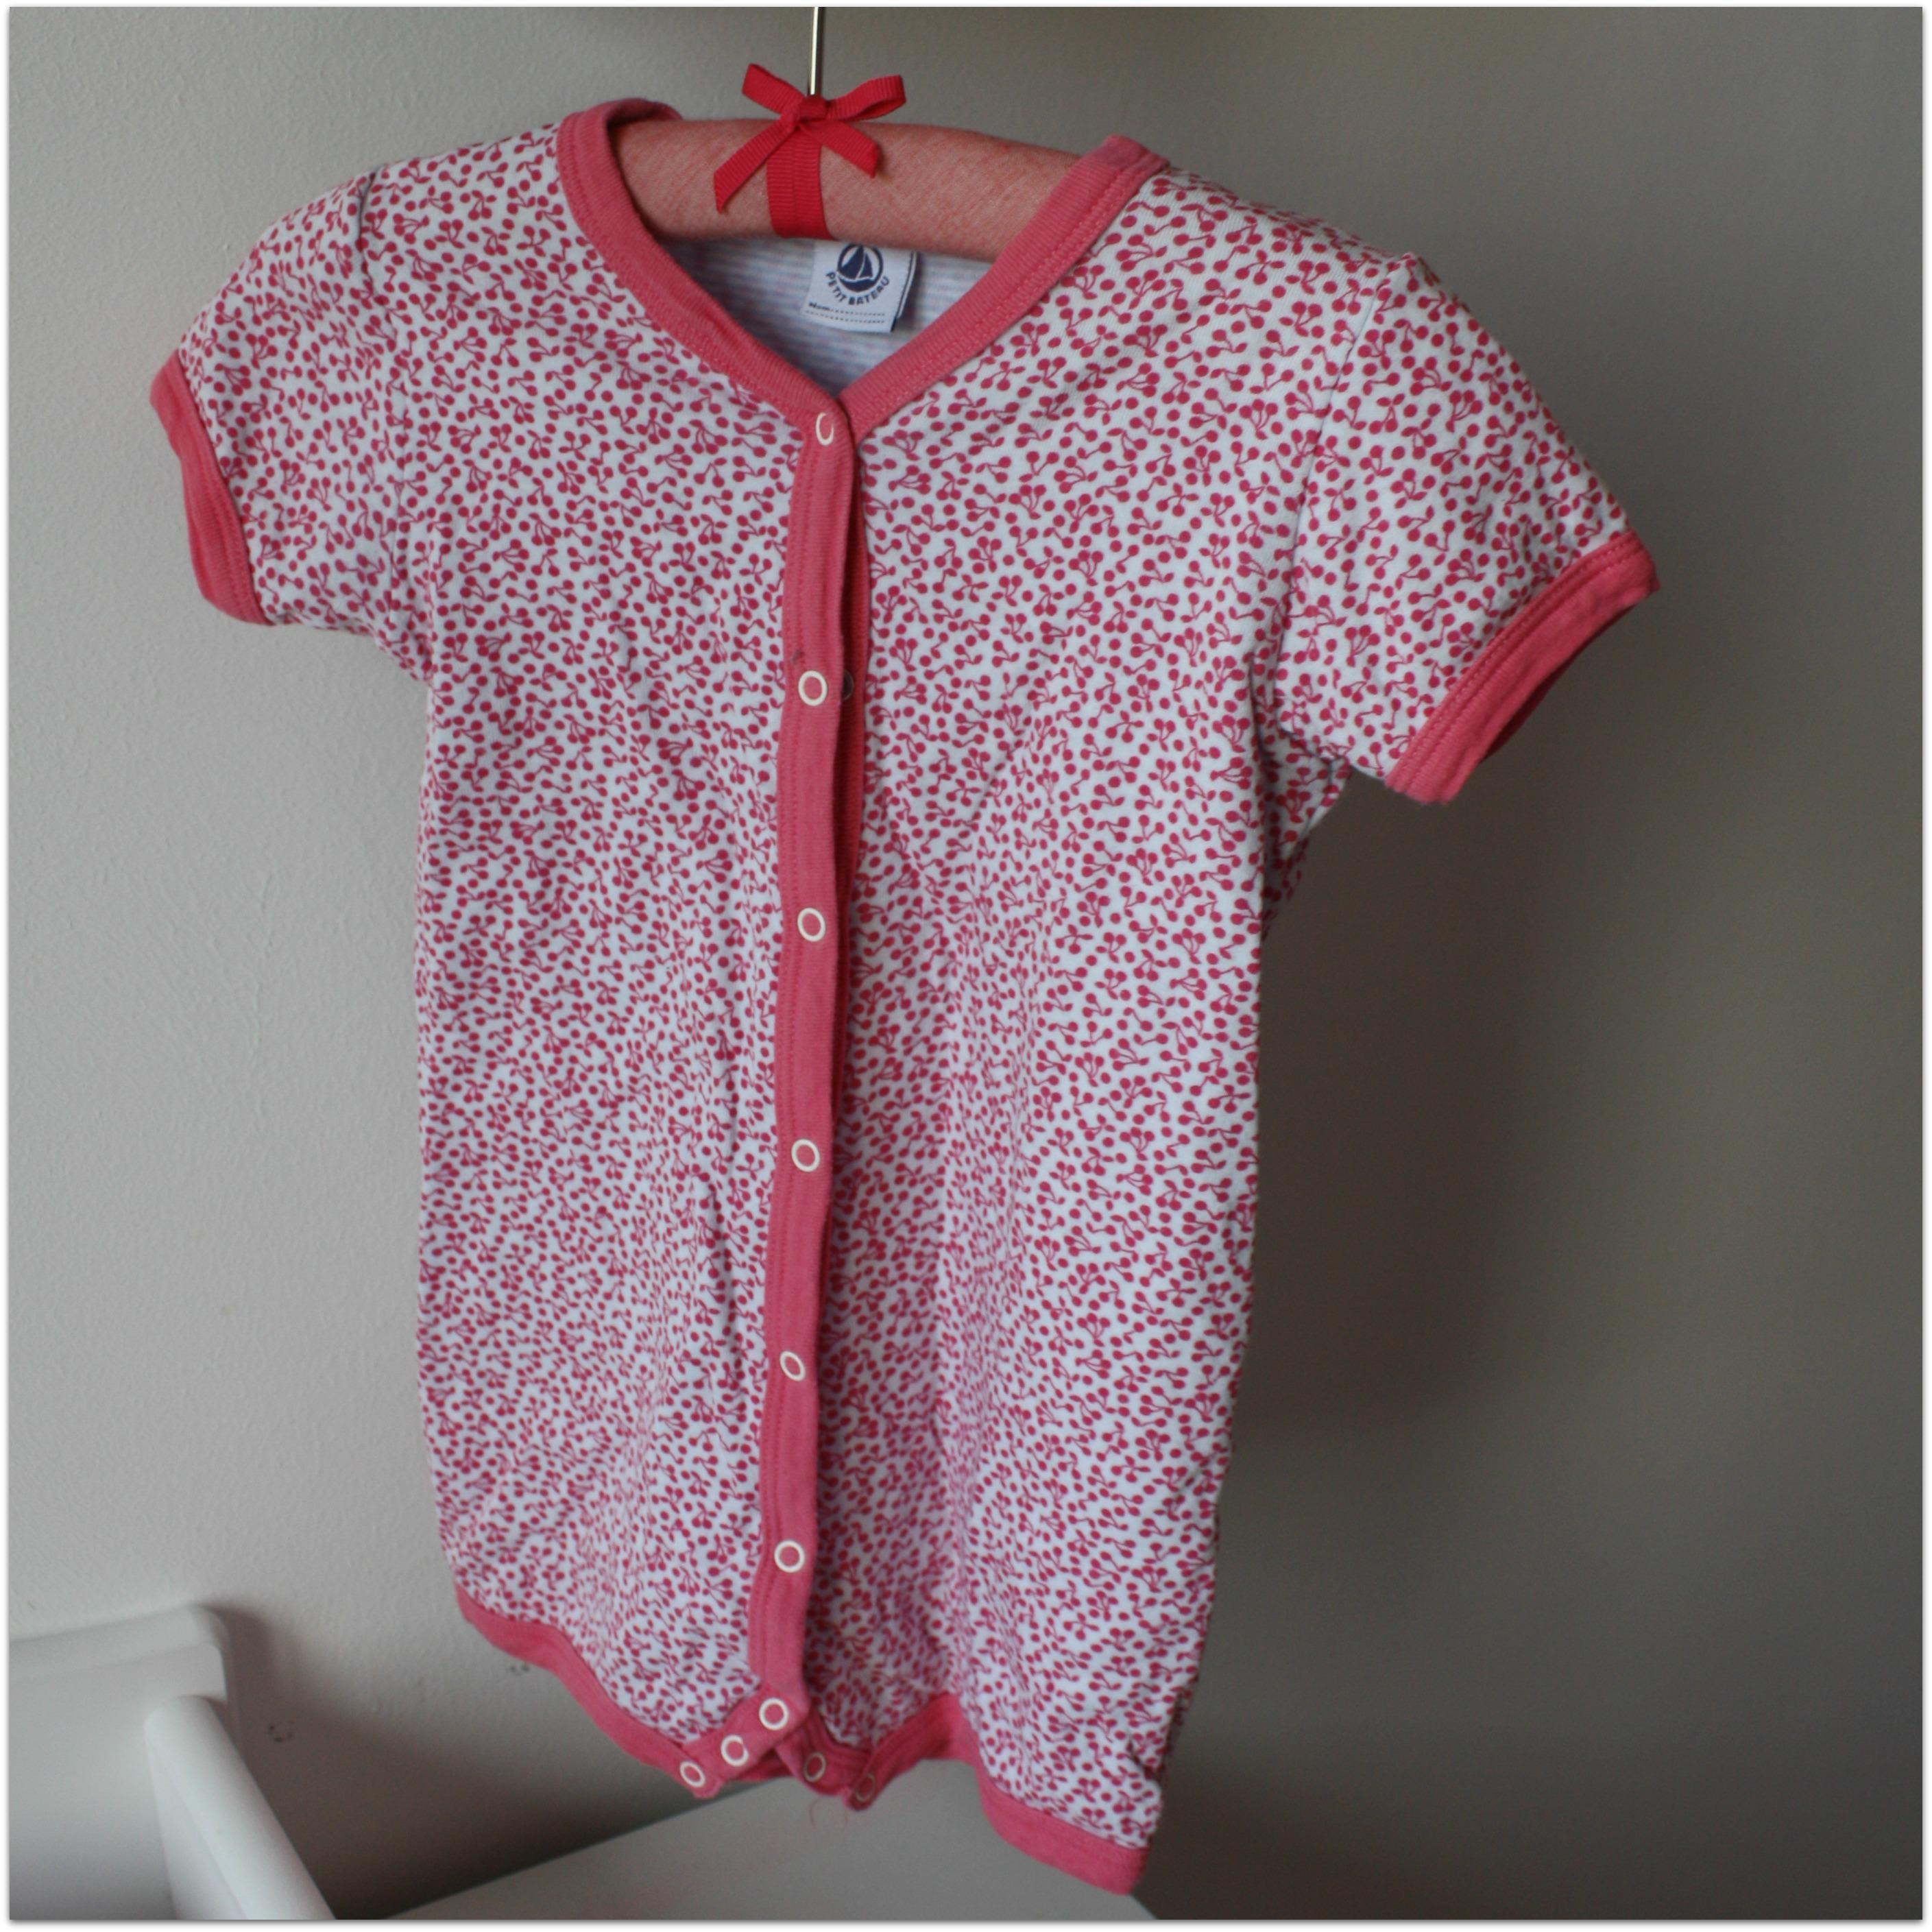 pyjama Petit Bateau - 18 mois